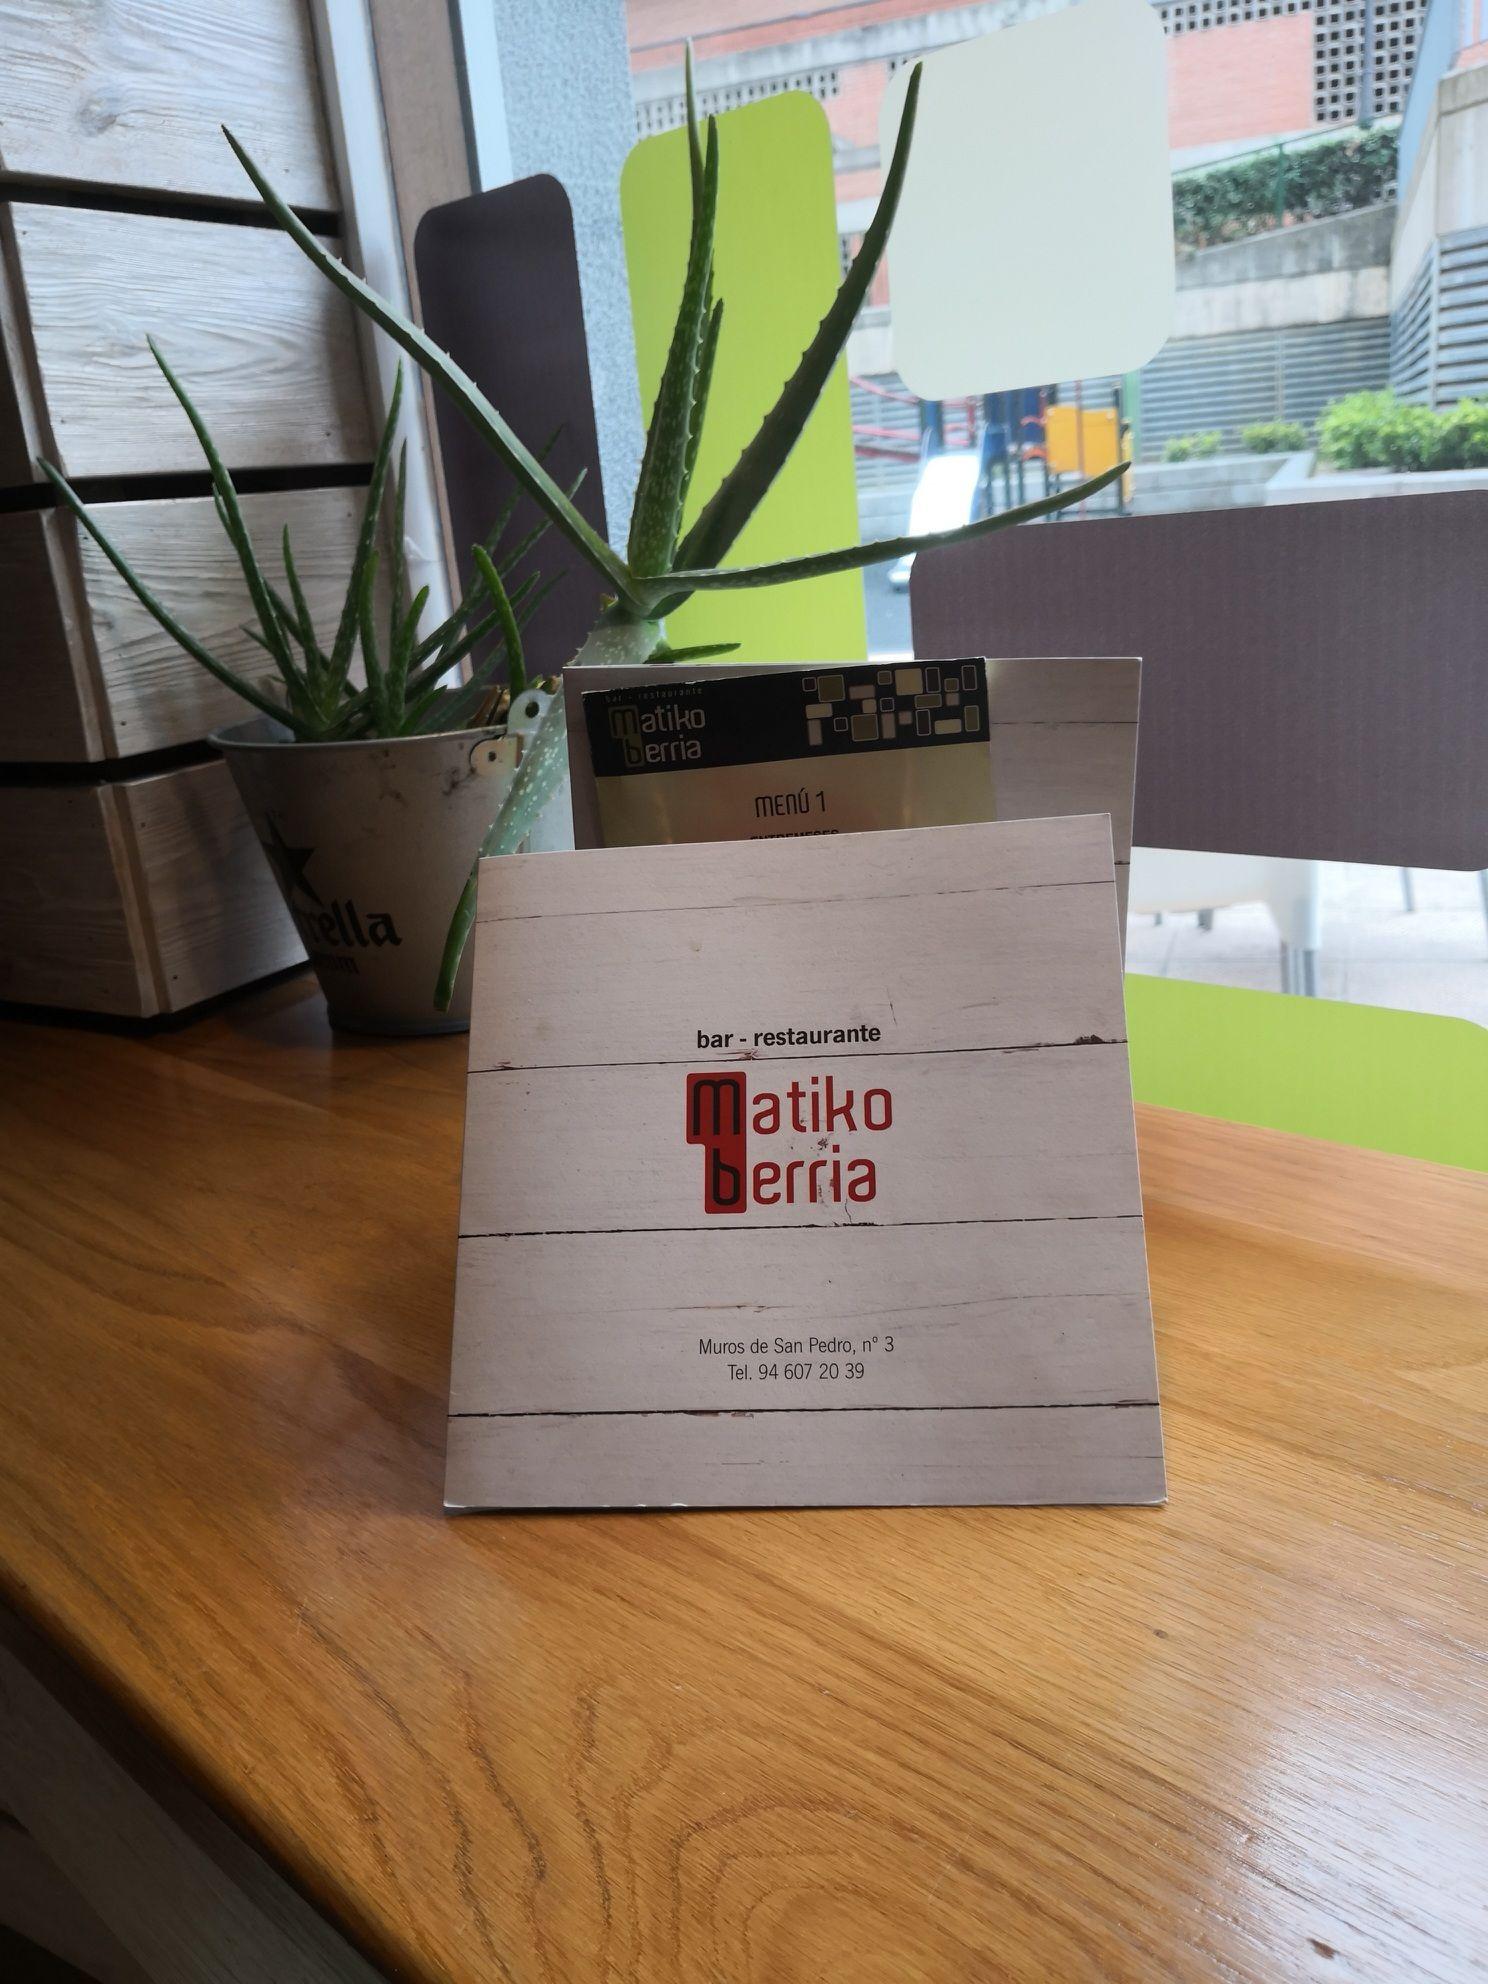 Carta y menú en Bilbao